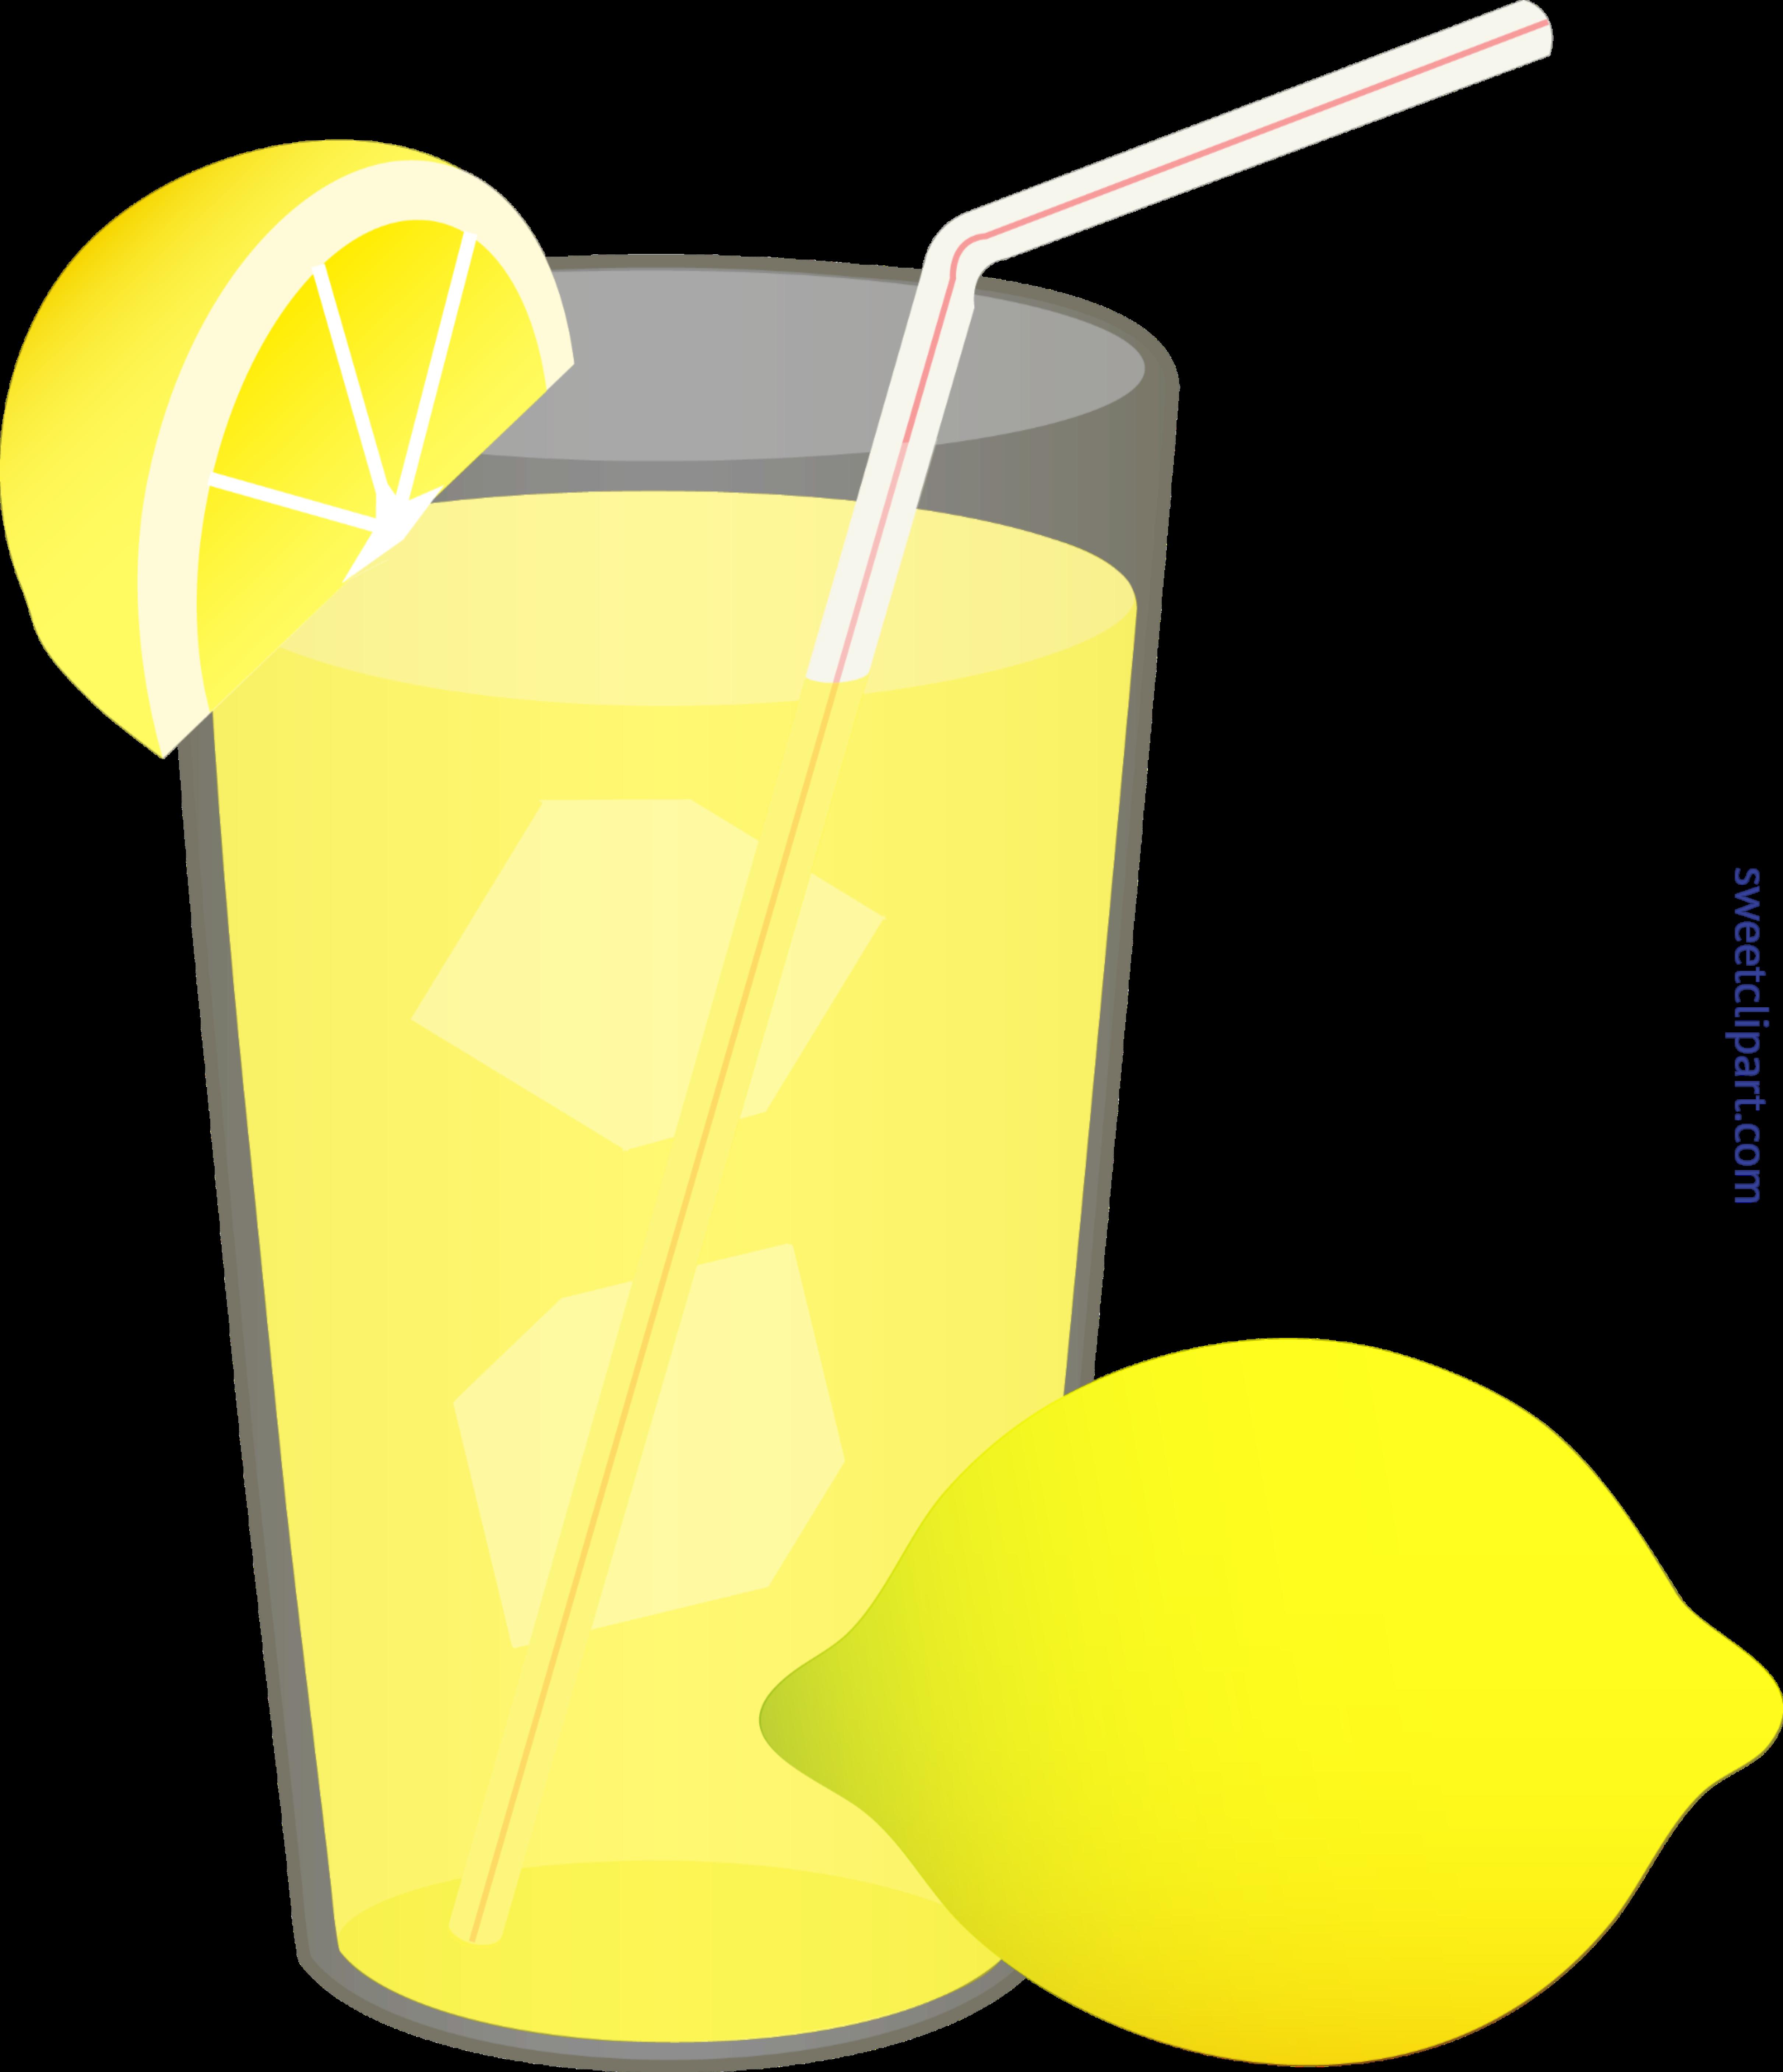 Iced lemonade straw wedge. Glass clipart lemon